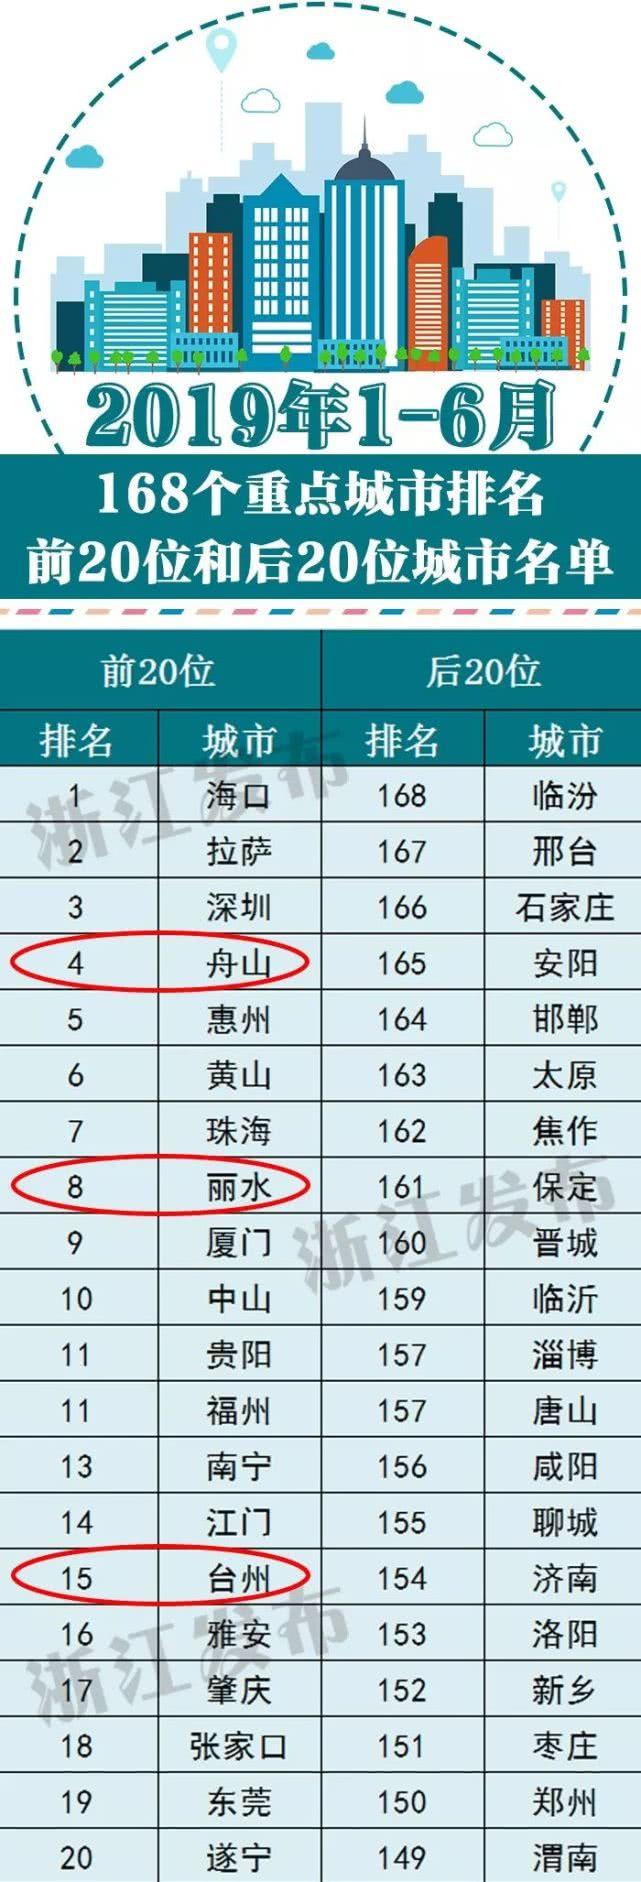 浙江3地排名前20!上半年全国空气质量状况公布